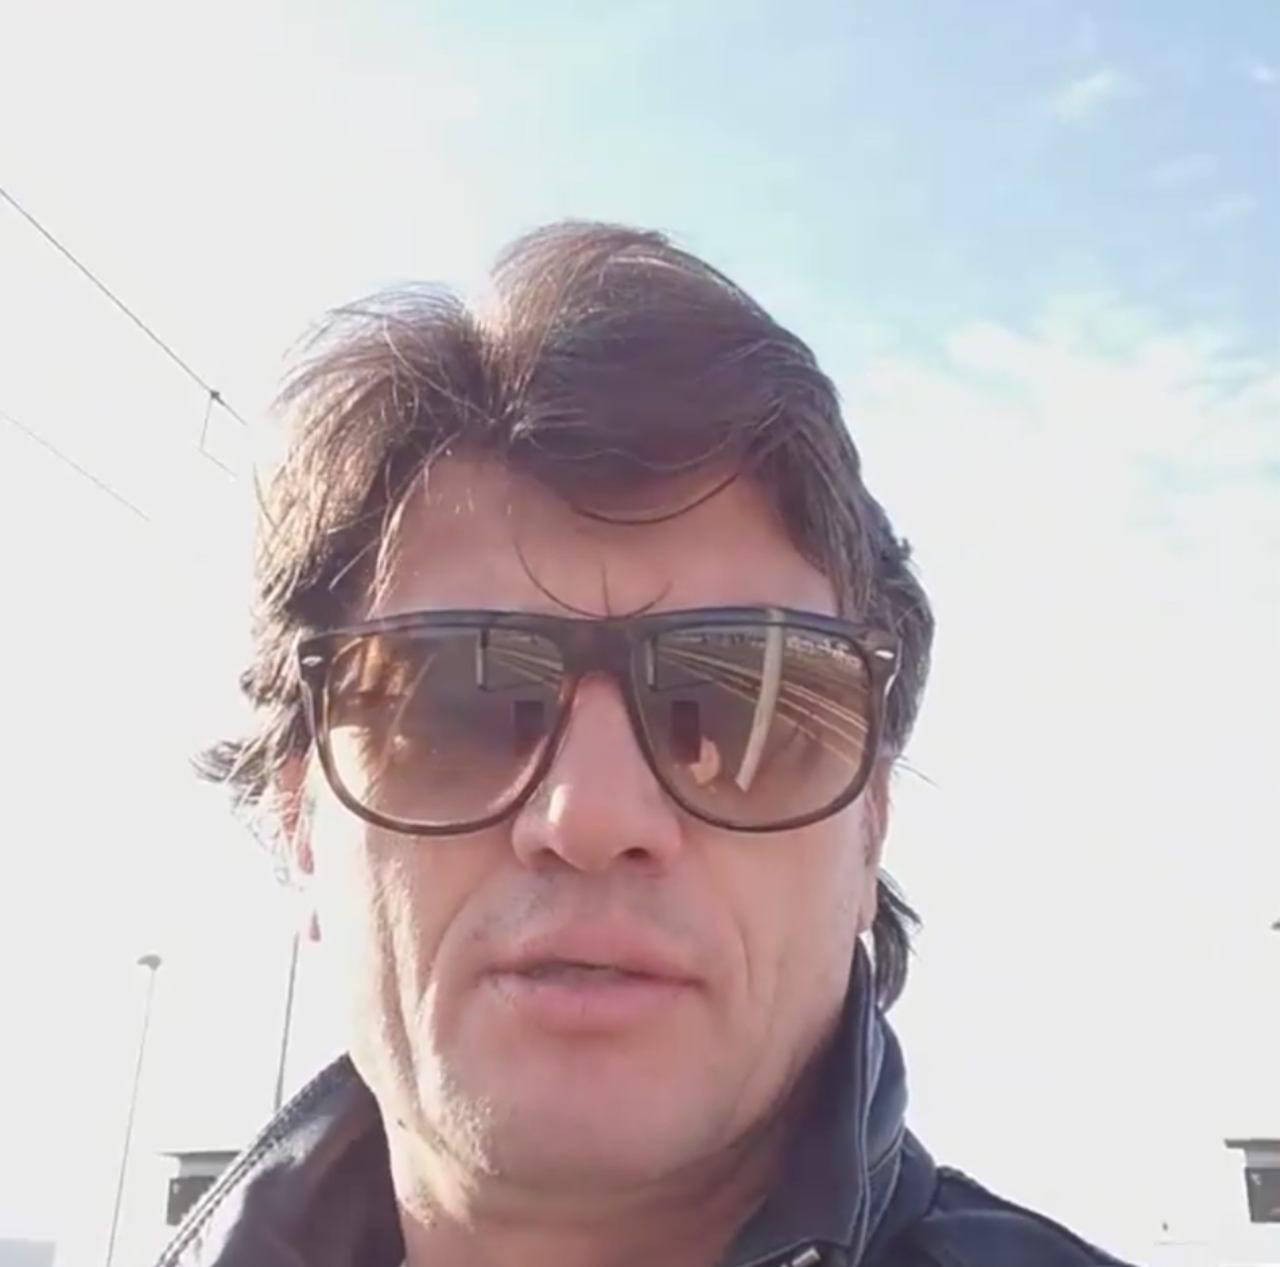 Pedro Valti